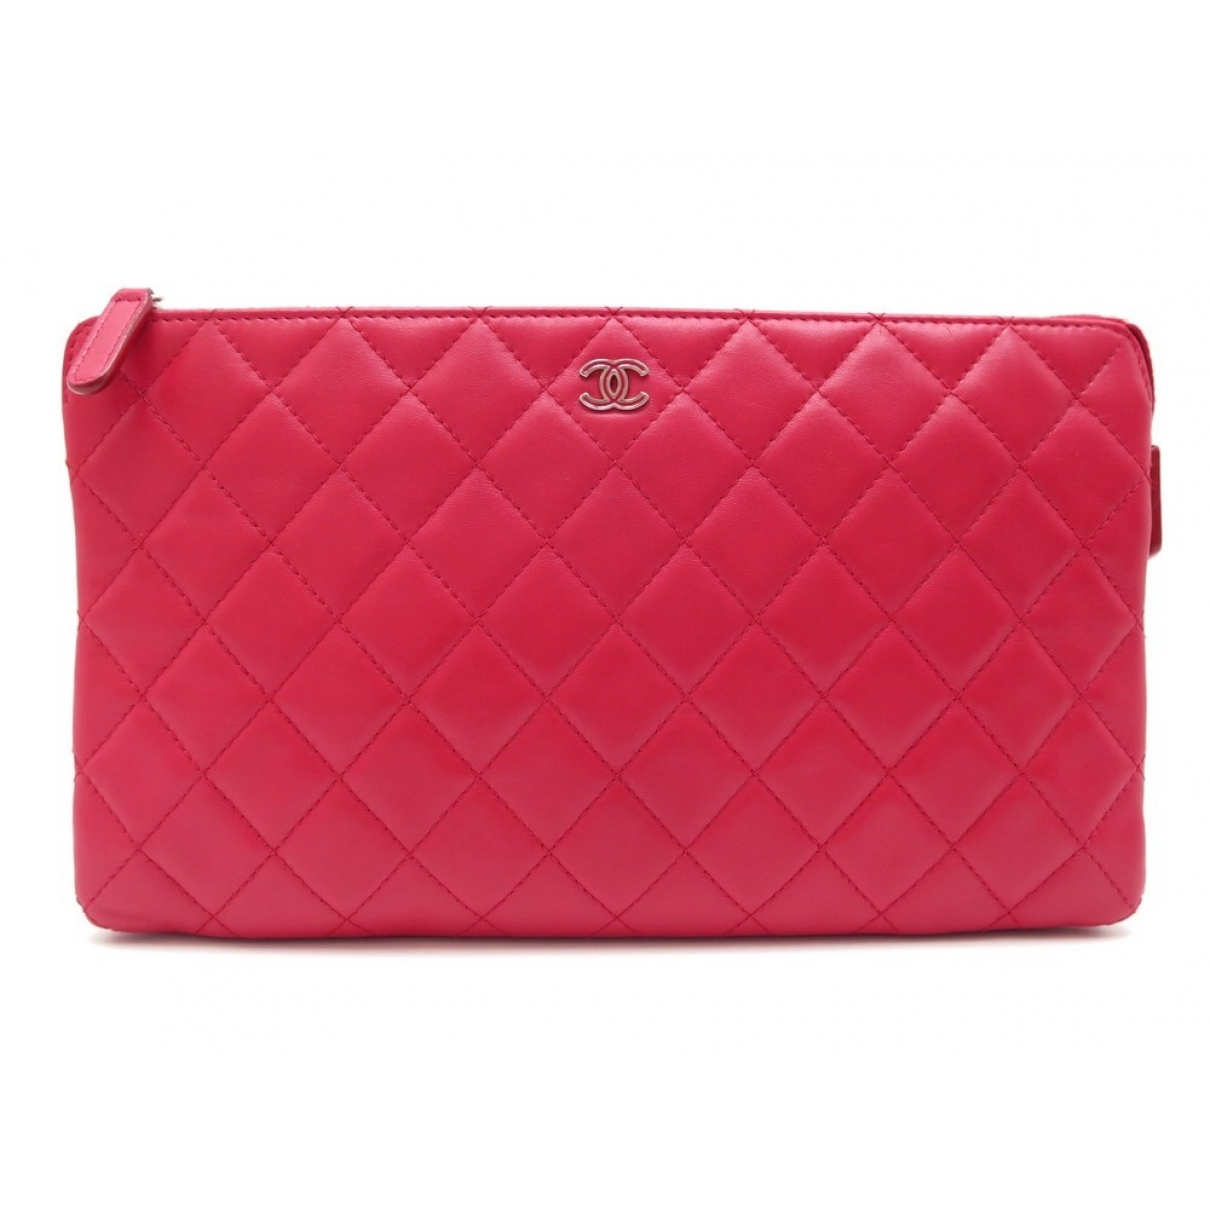 Chanel - Pochette   pour femme en cuir - rose